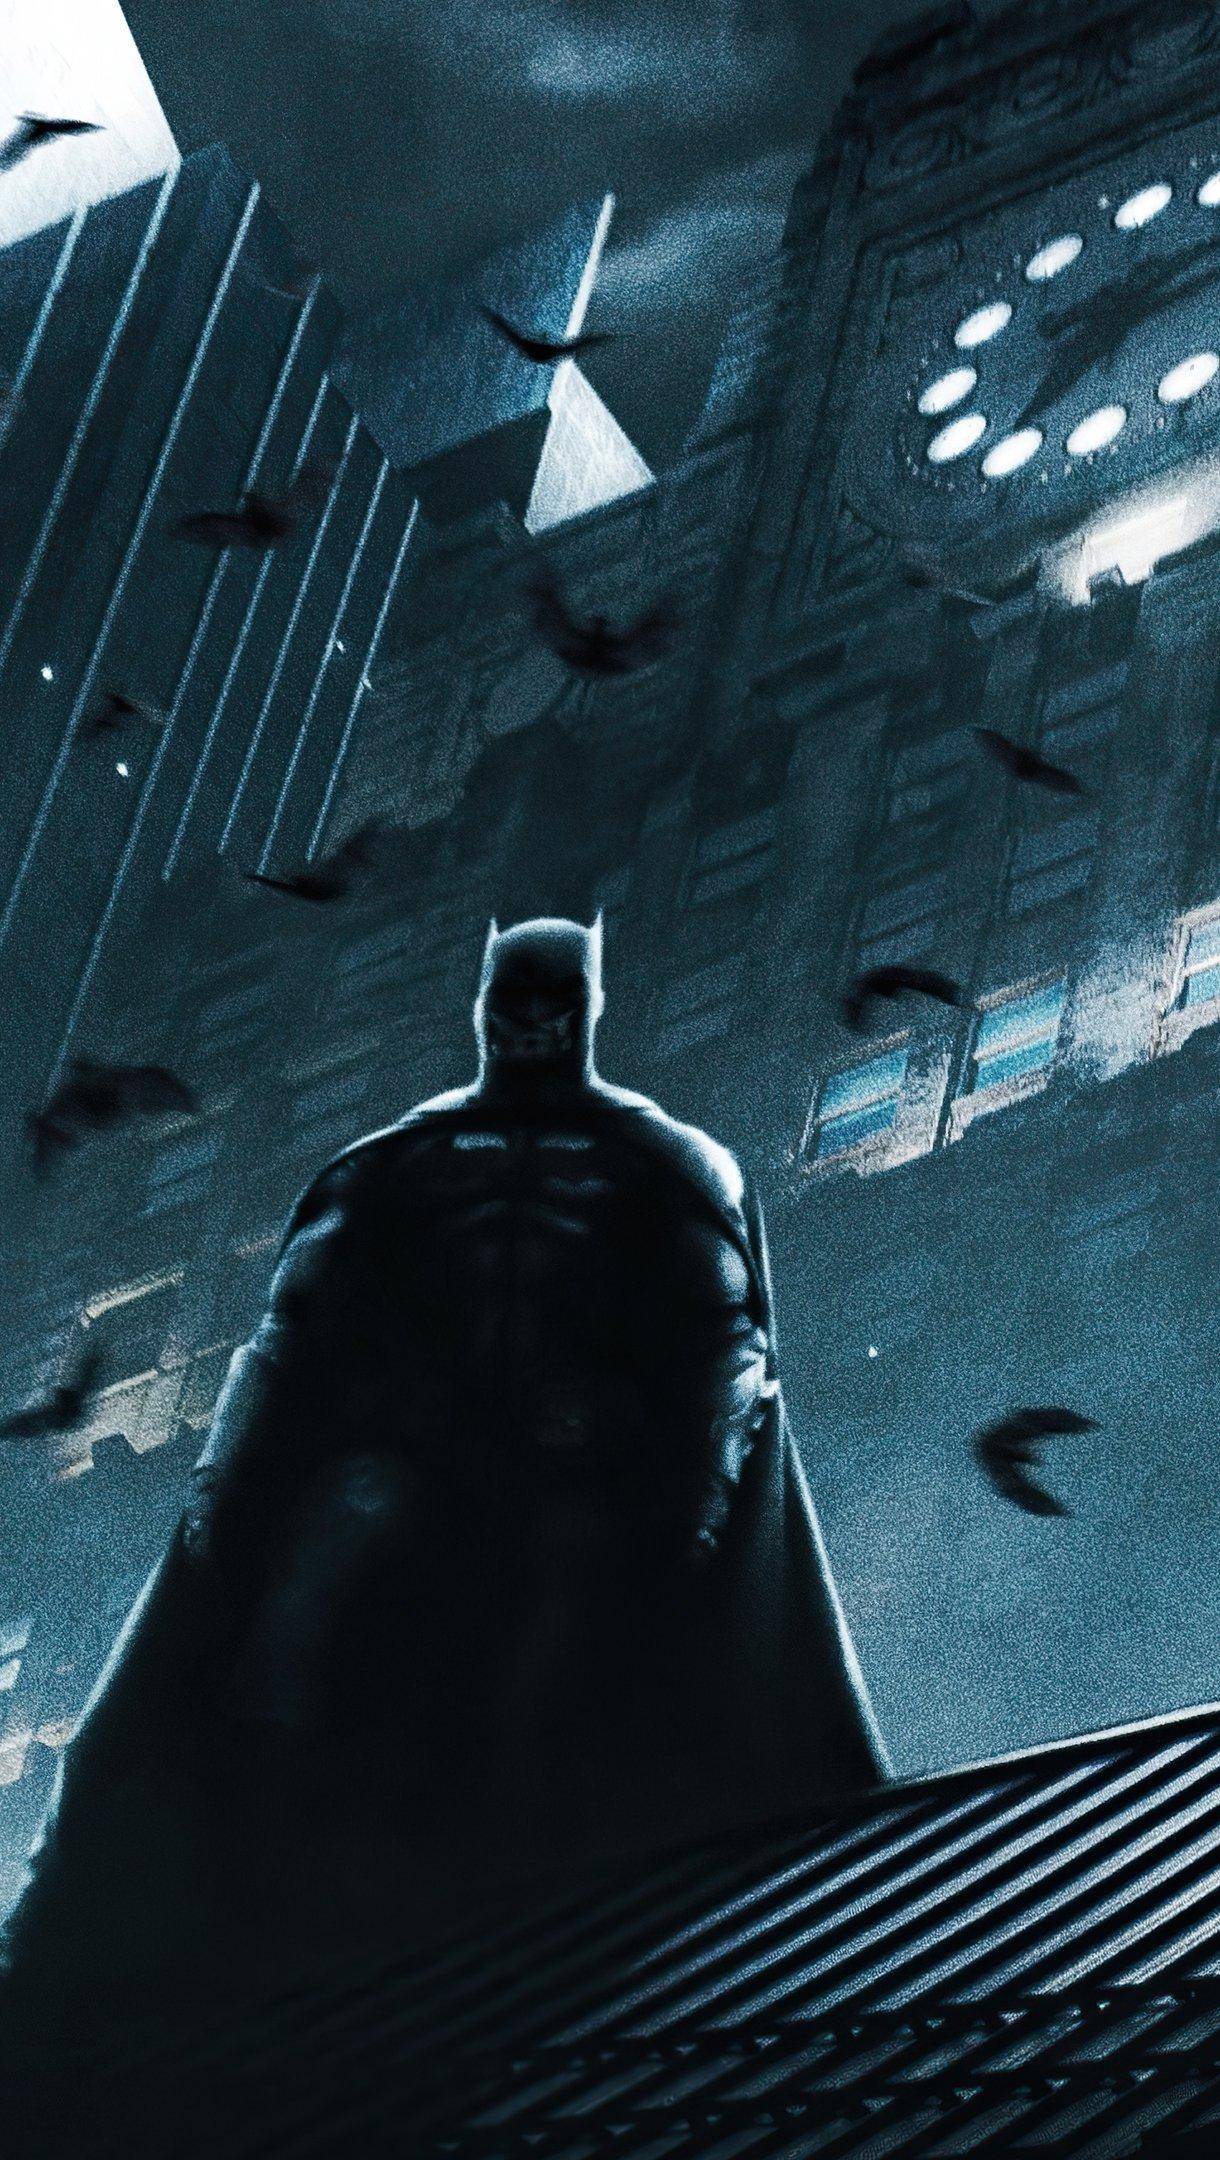 Fondos de pantalla Sombra de Batman en la lluvia Vertical